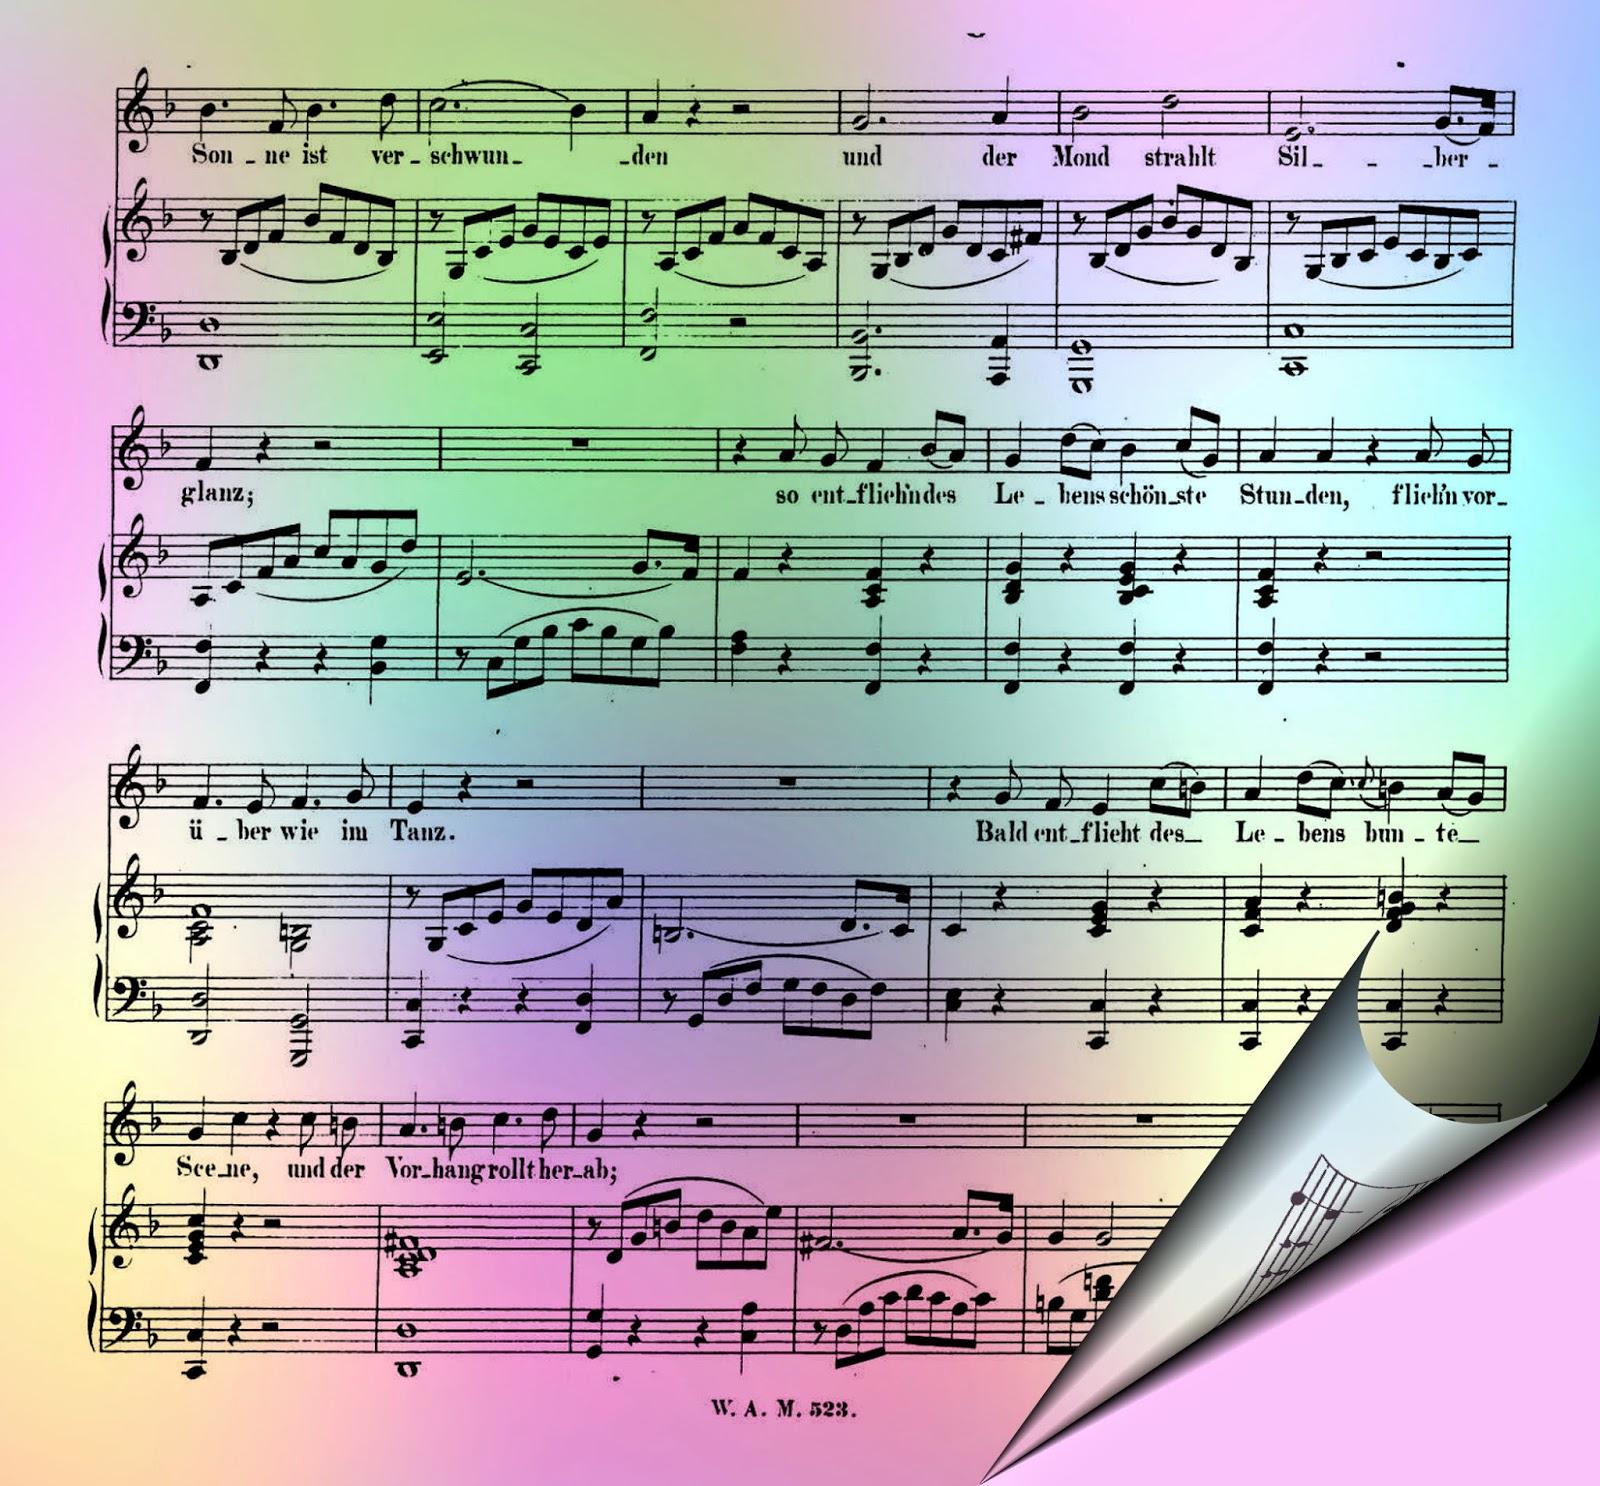 http://3.bp.blogspot.com/-uPfxjEqcLVg/U7wbgTByuWI/AAAAAAAAMug/CgDTslBDya0/s1600/Papier+de+musique+stylis%25C3%25A9+%25286%2529.jpg